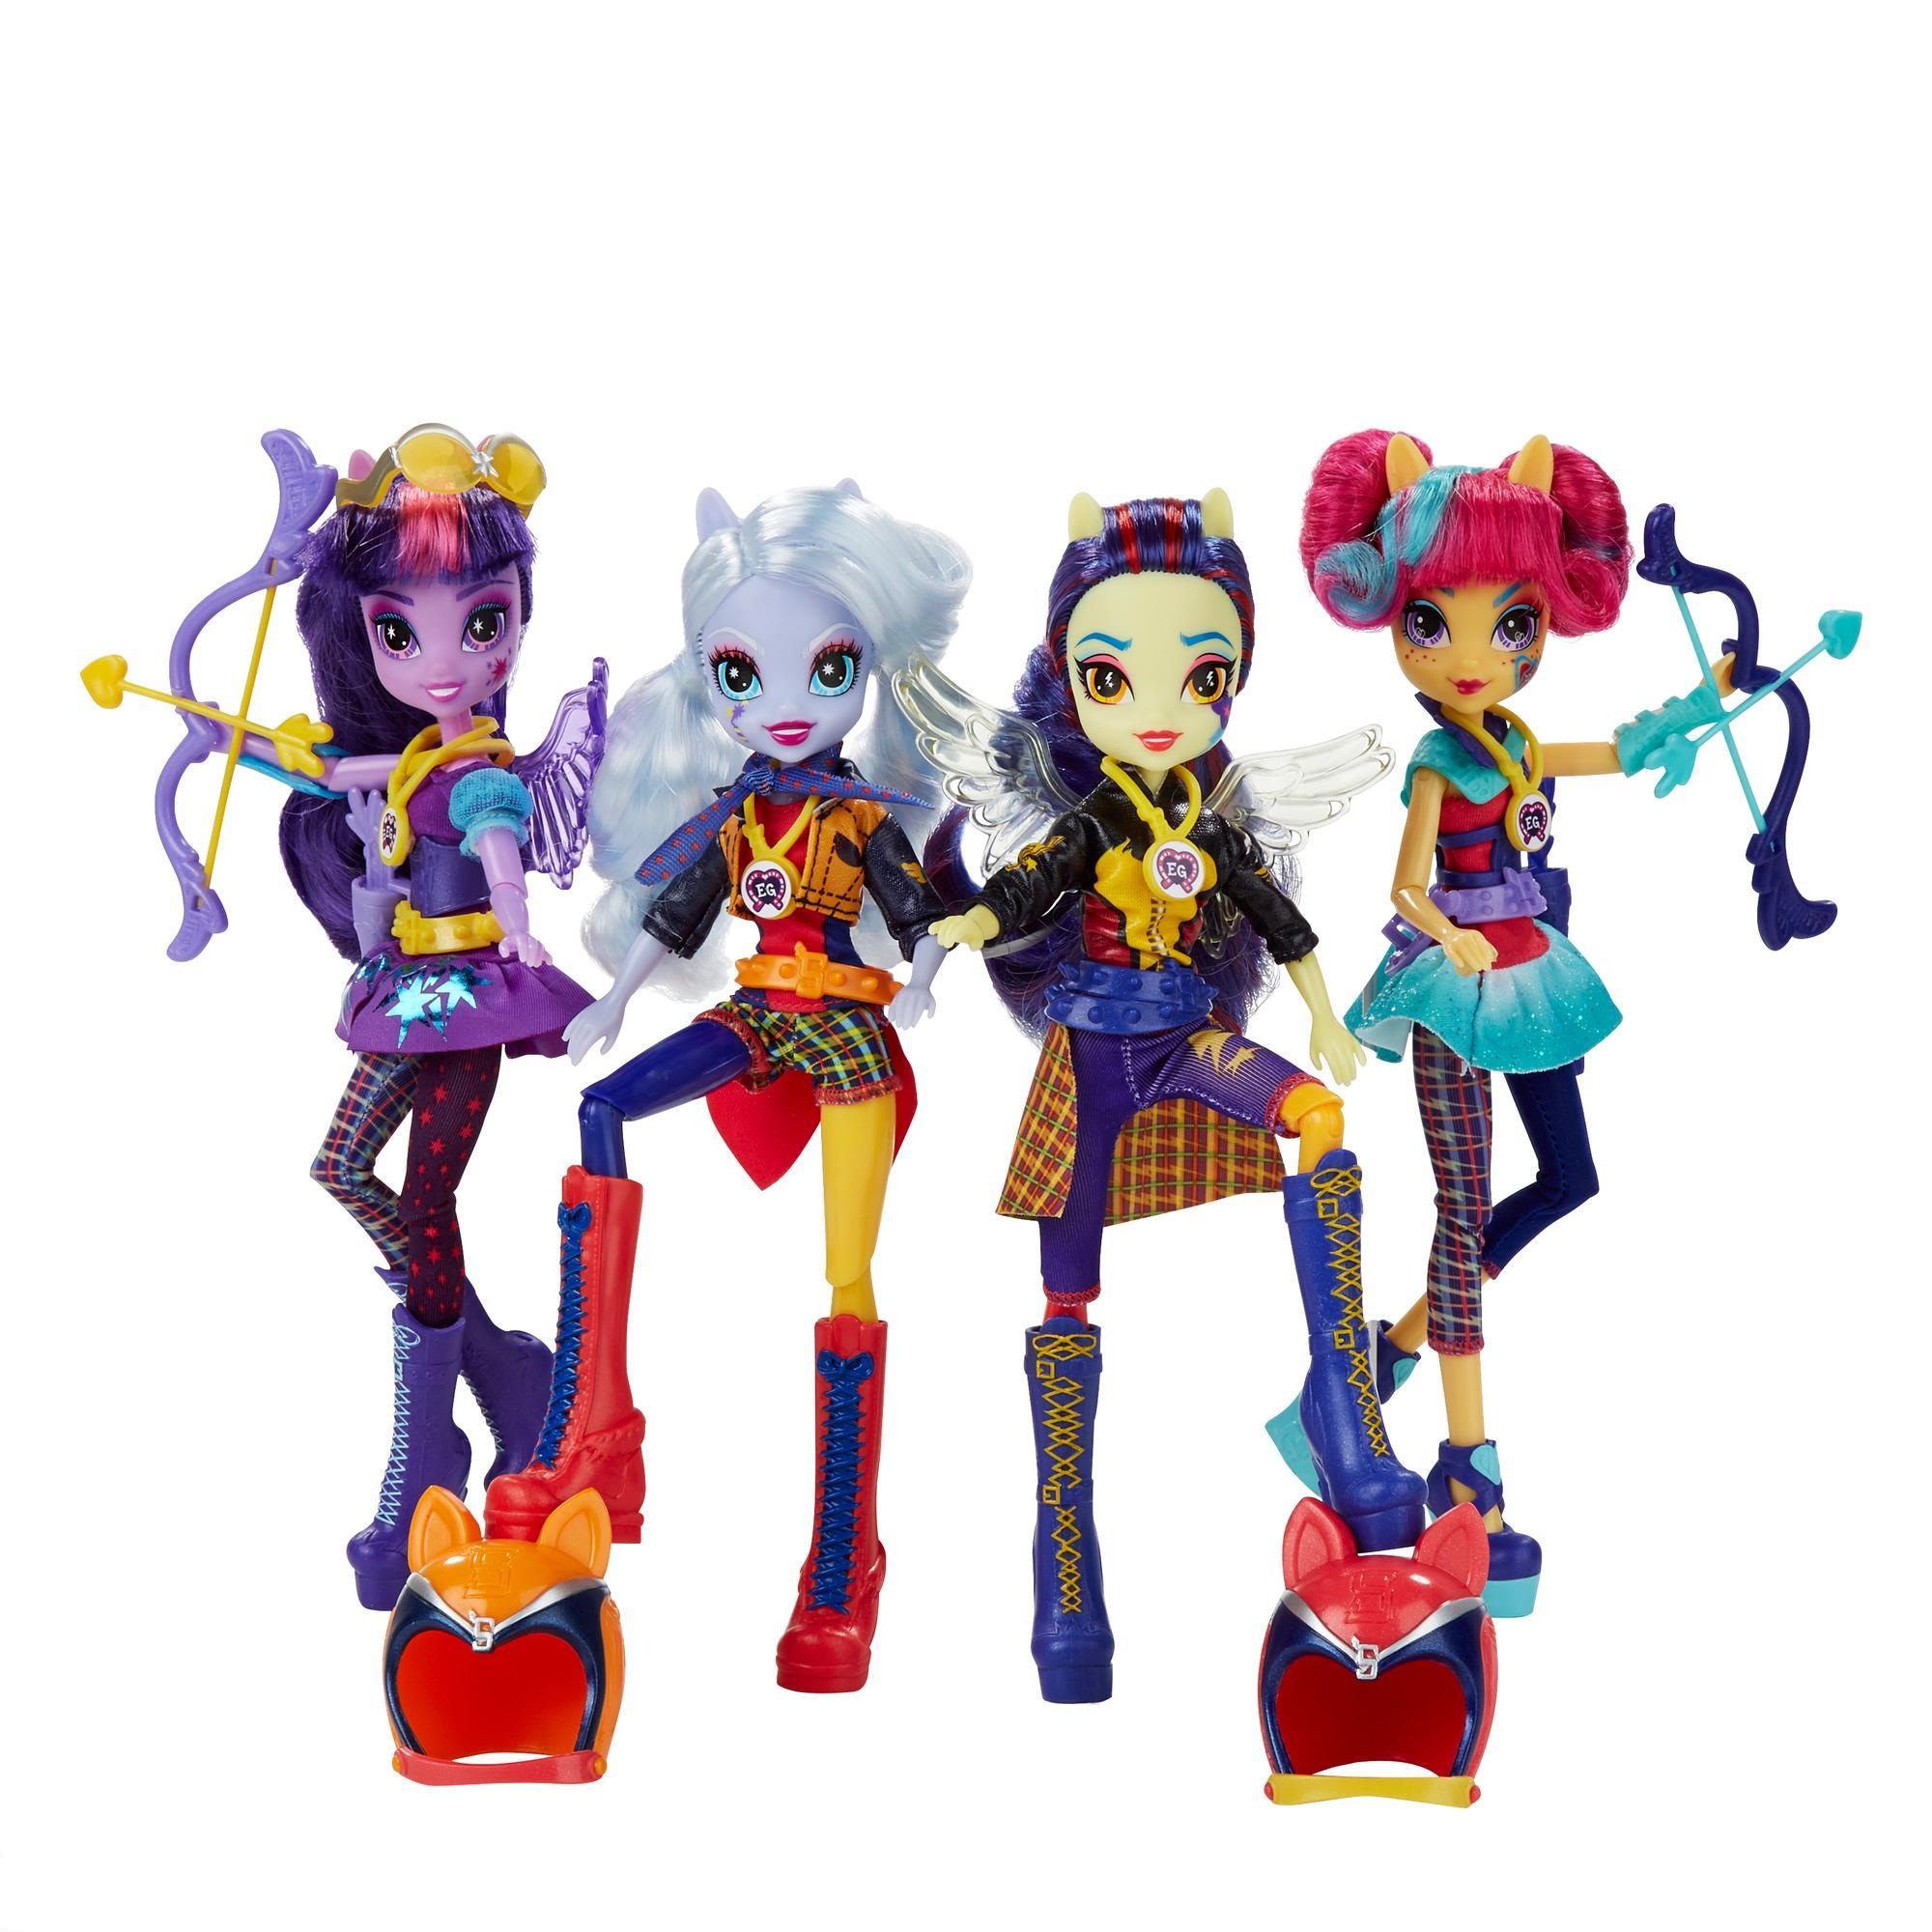 времена кукла эквестрия герлз игры дружбы каждом отделении